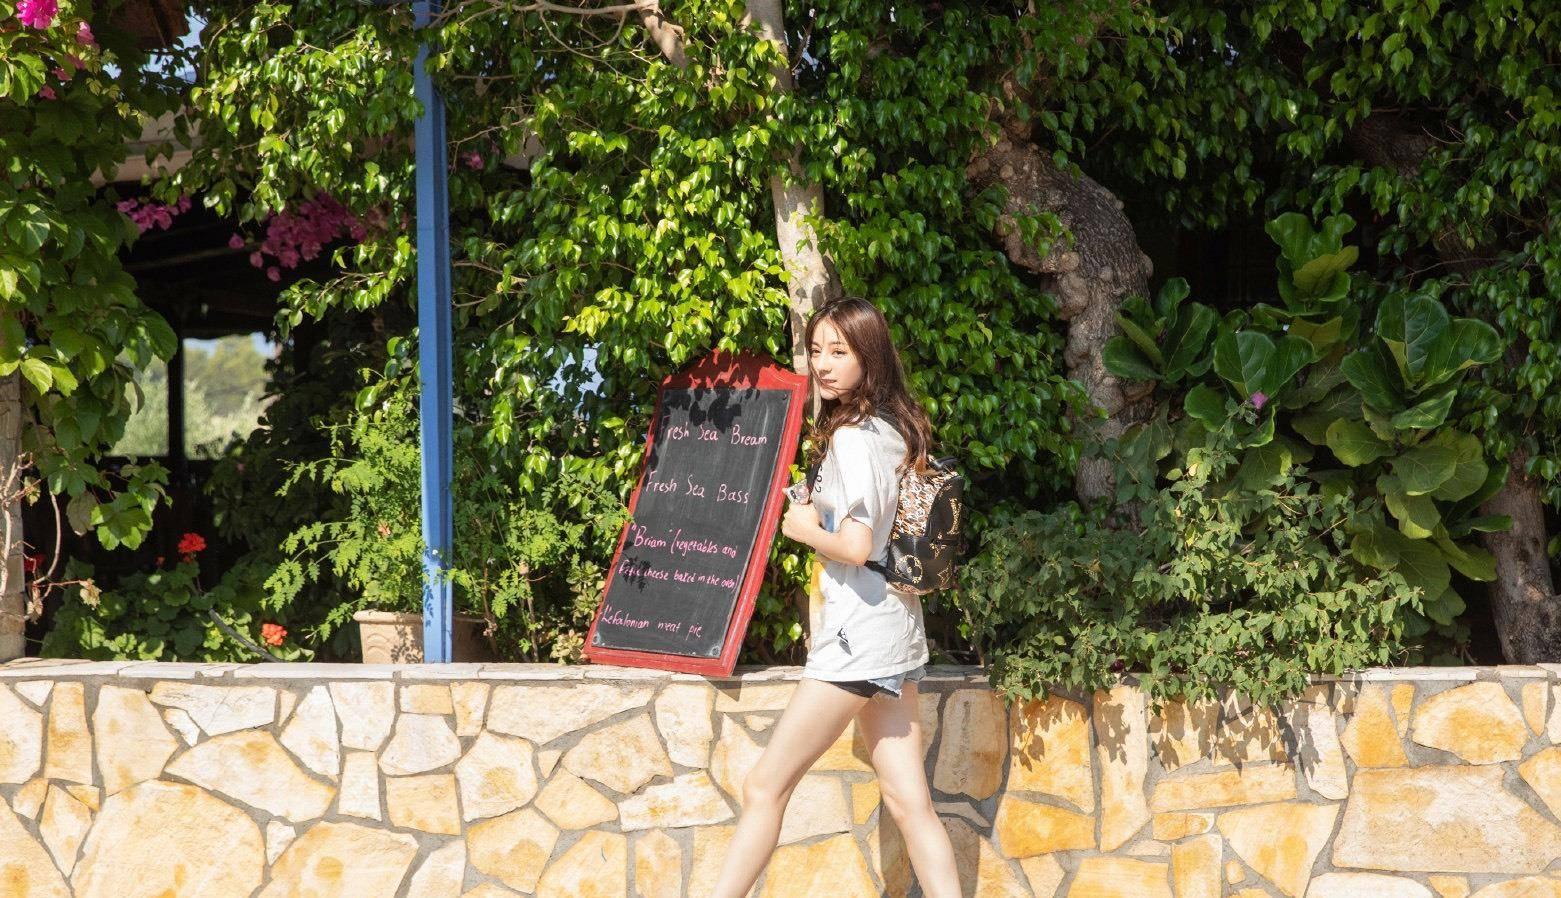 和迪丽热巴学夏季旅行穿搭,白色简约大衬衫配空气刘海也太甜了